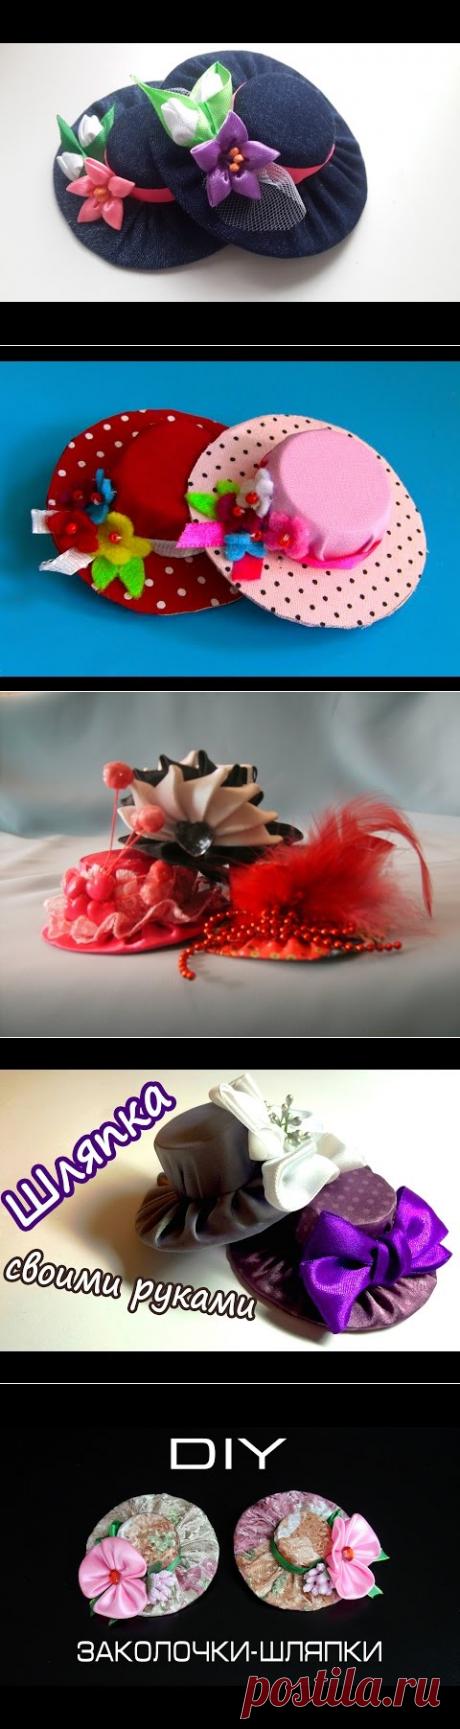 ¿Cómo hacer el sombrero de señora por las manos? \/ el maestro la Clase \/ la Base para Kanzashi - YouTube